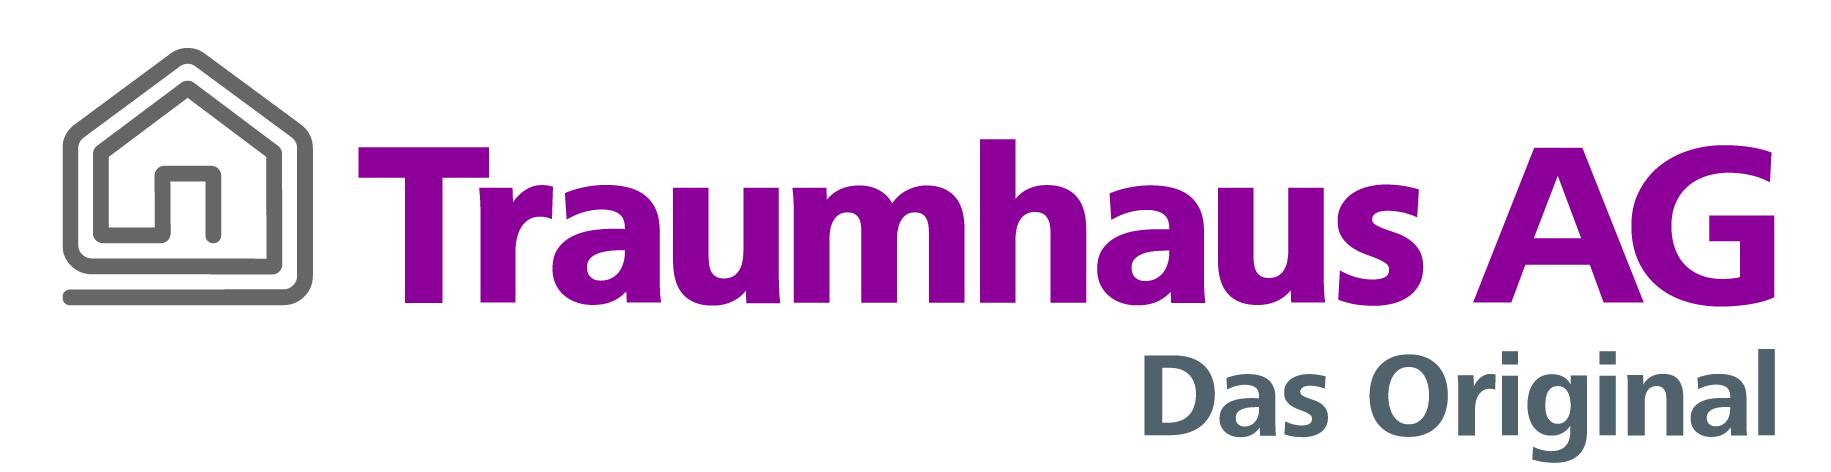 TH_Logo_AG_Neu.jpg